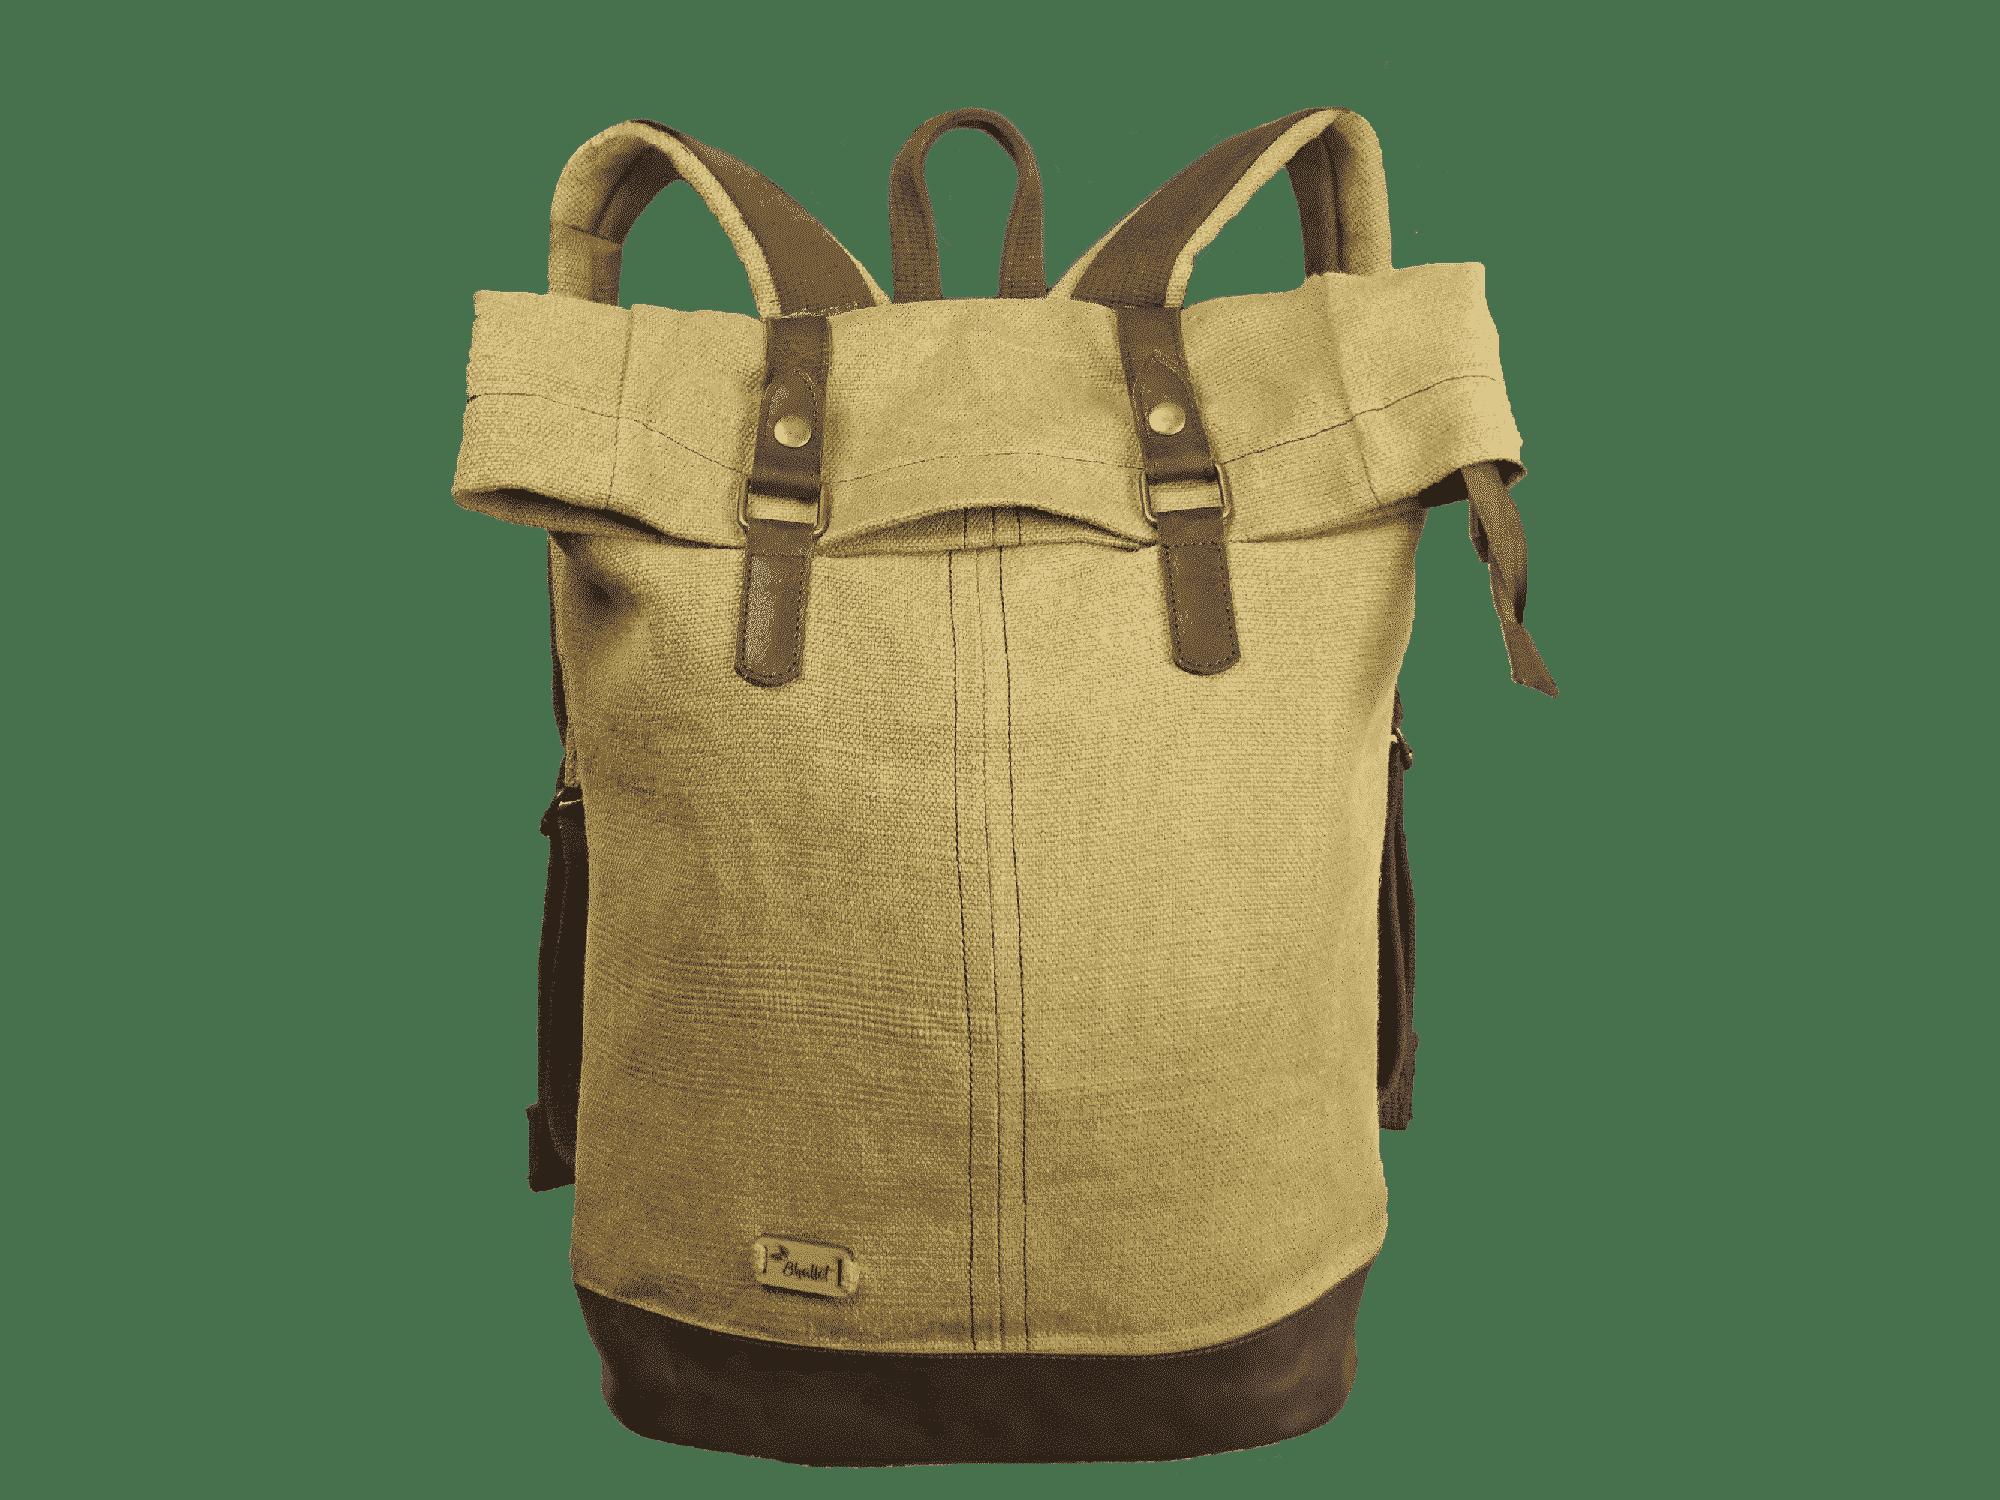 Bhallot - Sac à dos roll top en toile cirée et cuir - bosta